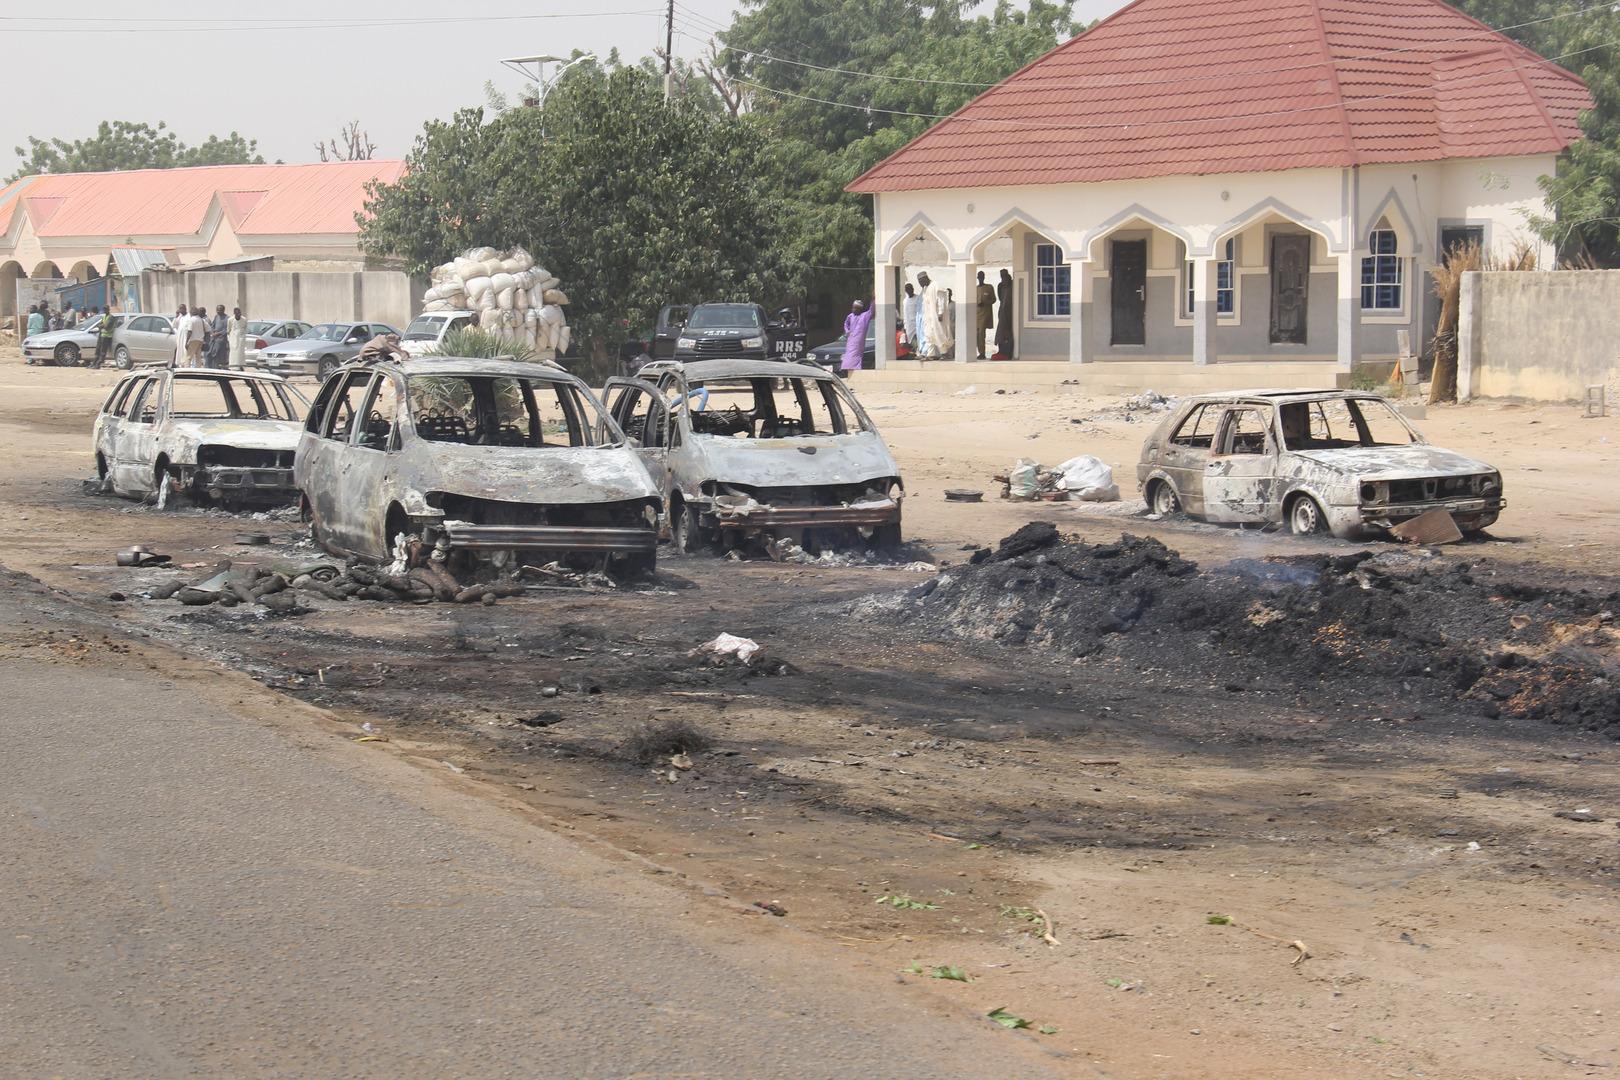 عواقب هجوم شنه مسلحون على بلدة في نيجيريا (أرشيف)أ